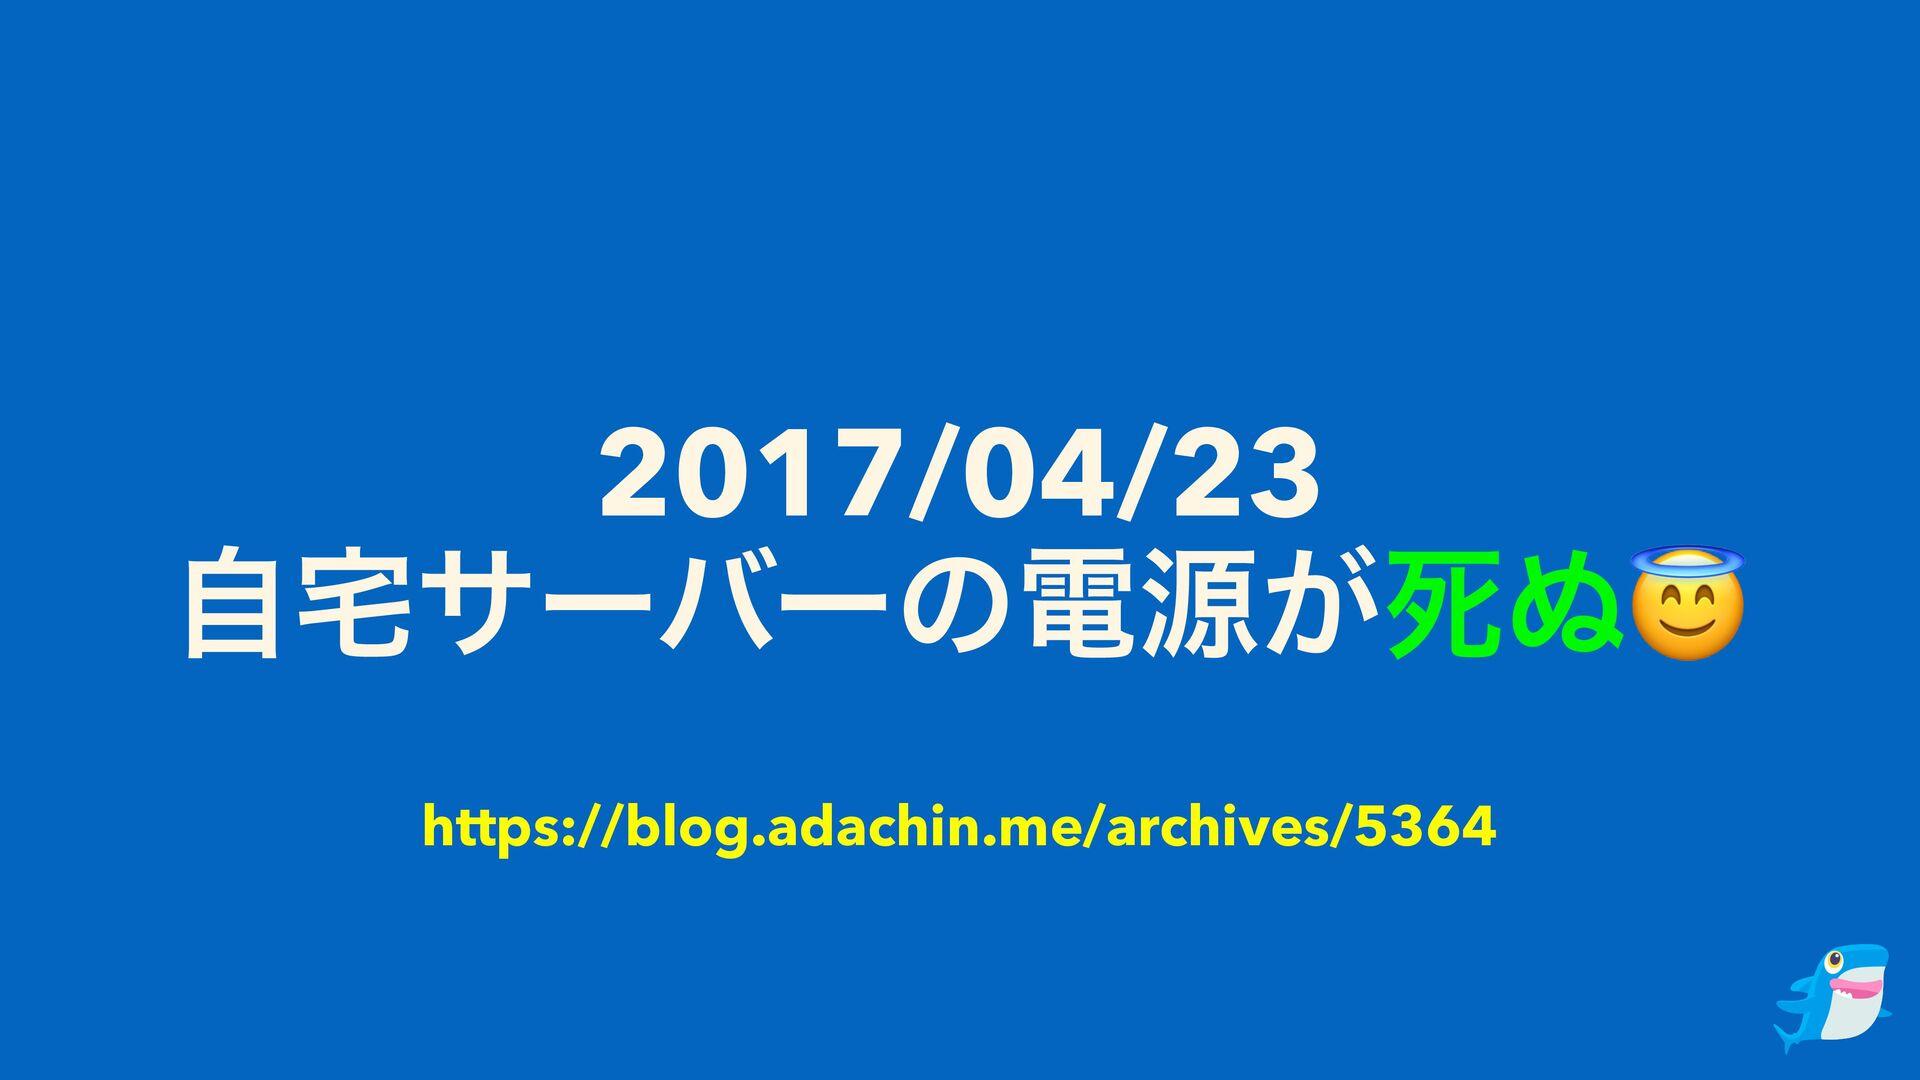 2017/04/23 ࣗαʔόʔͷిݯ͕ࢮ͵ https://blog.adachin.me...